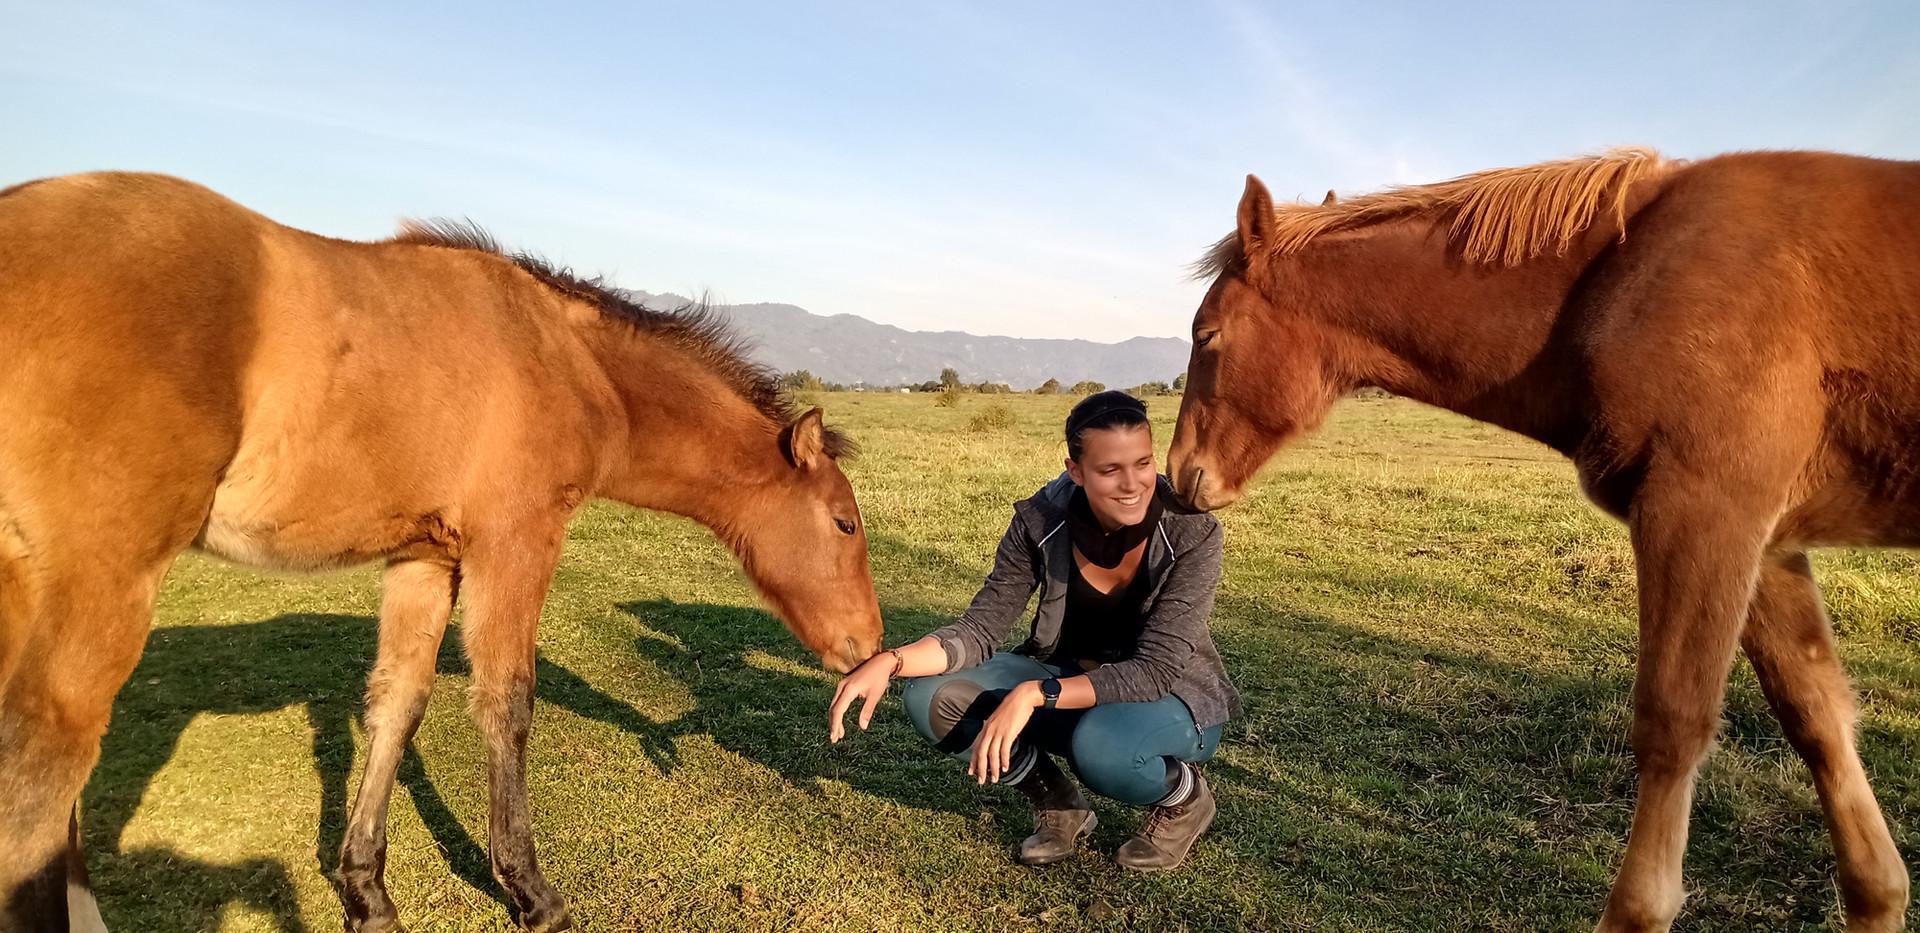 Conociendo a los más jóvenes de la manada